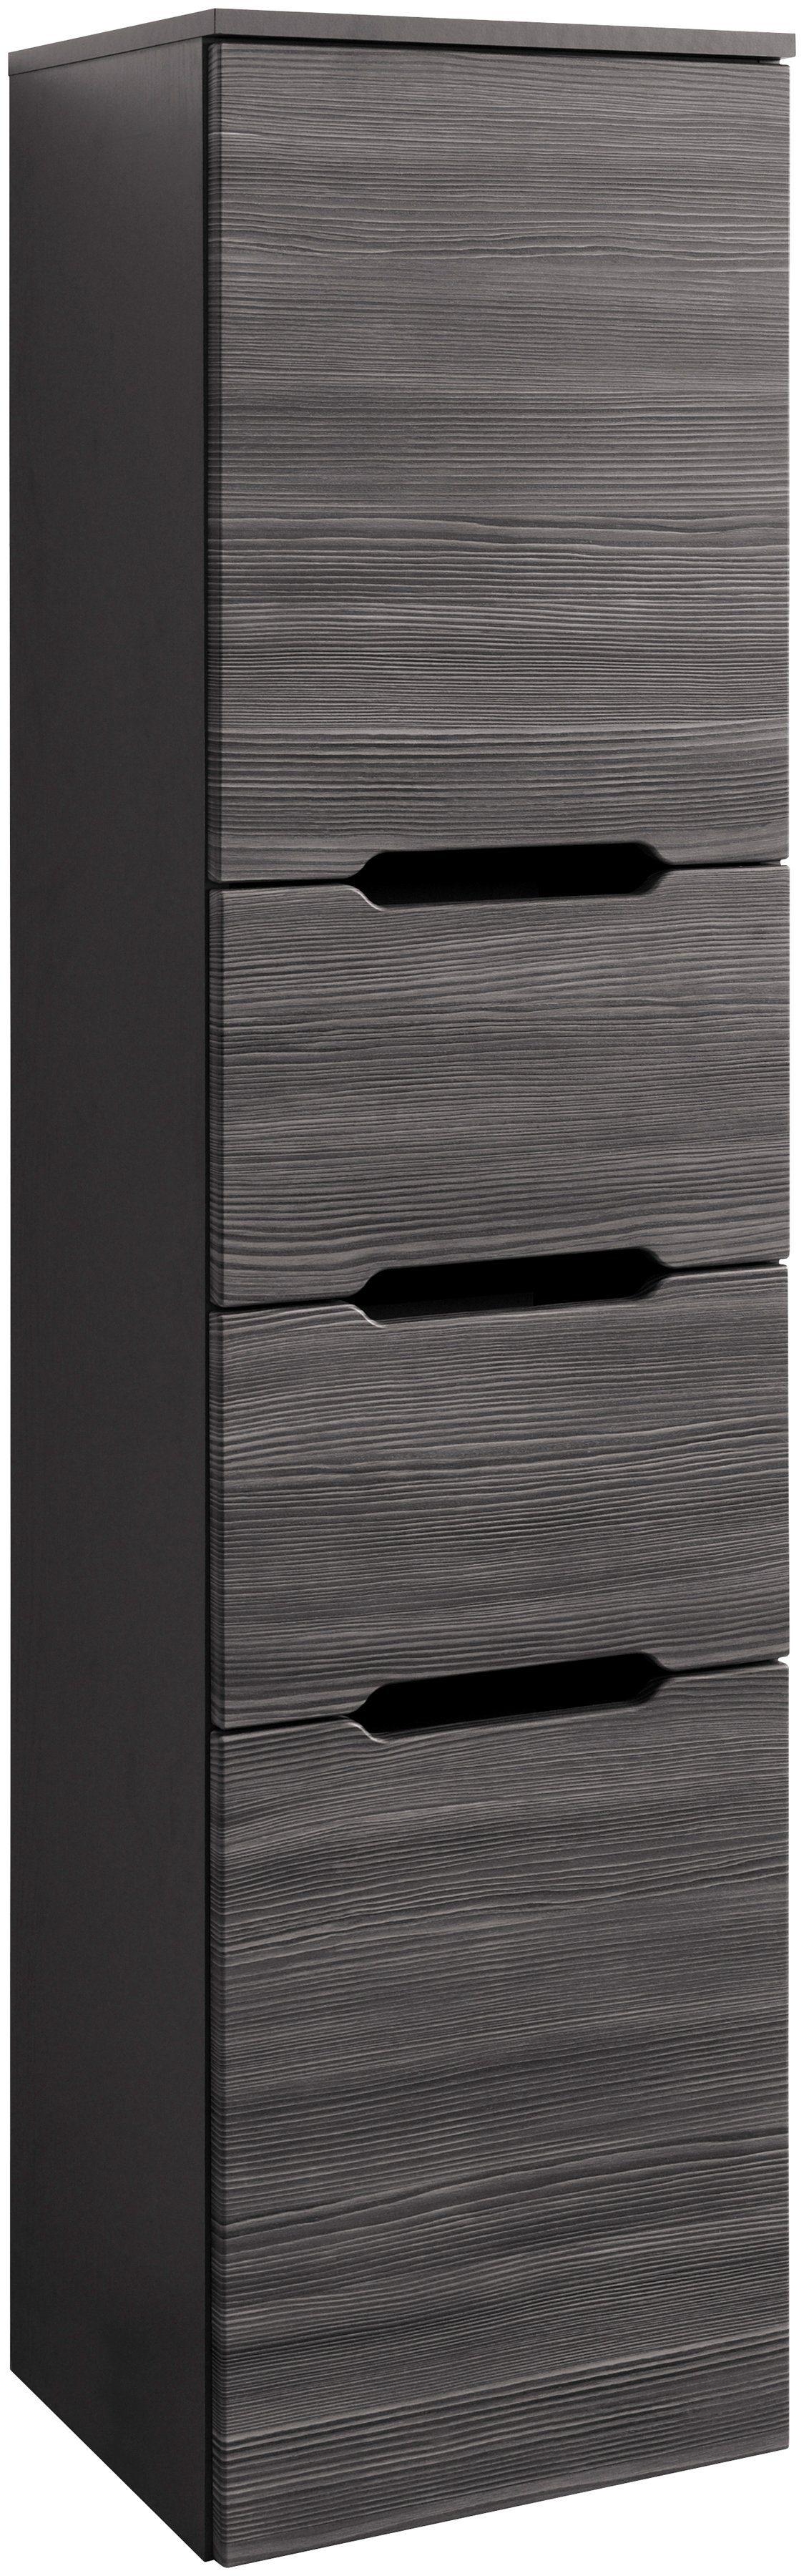 Held Möbel Seitenschrank »Belluno«, Breite 40 cm